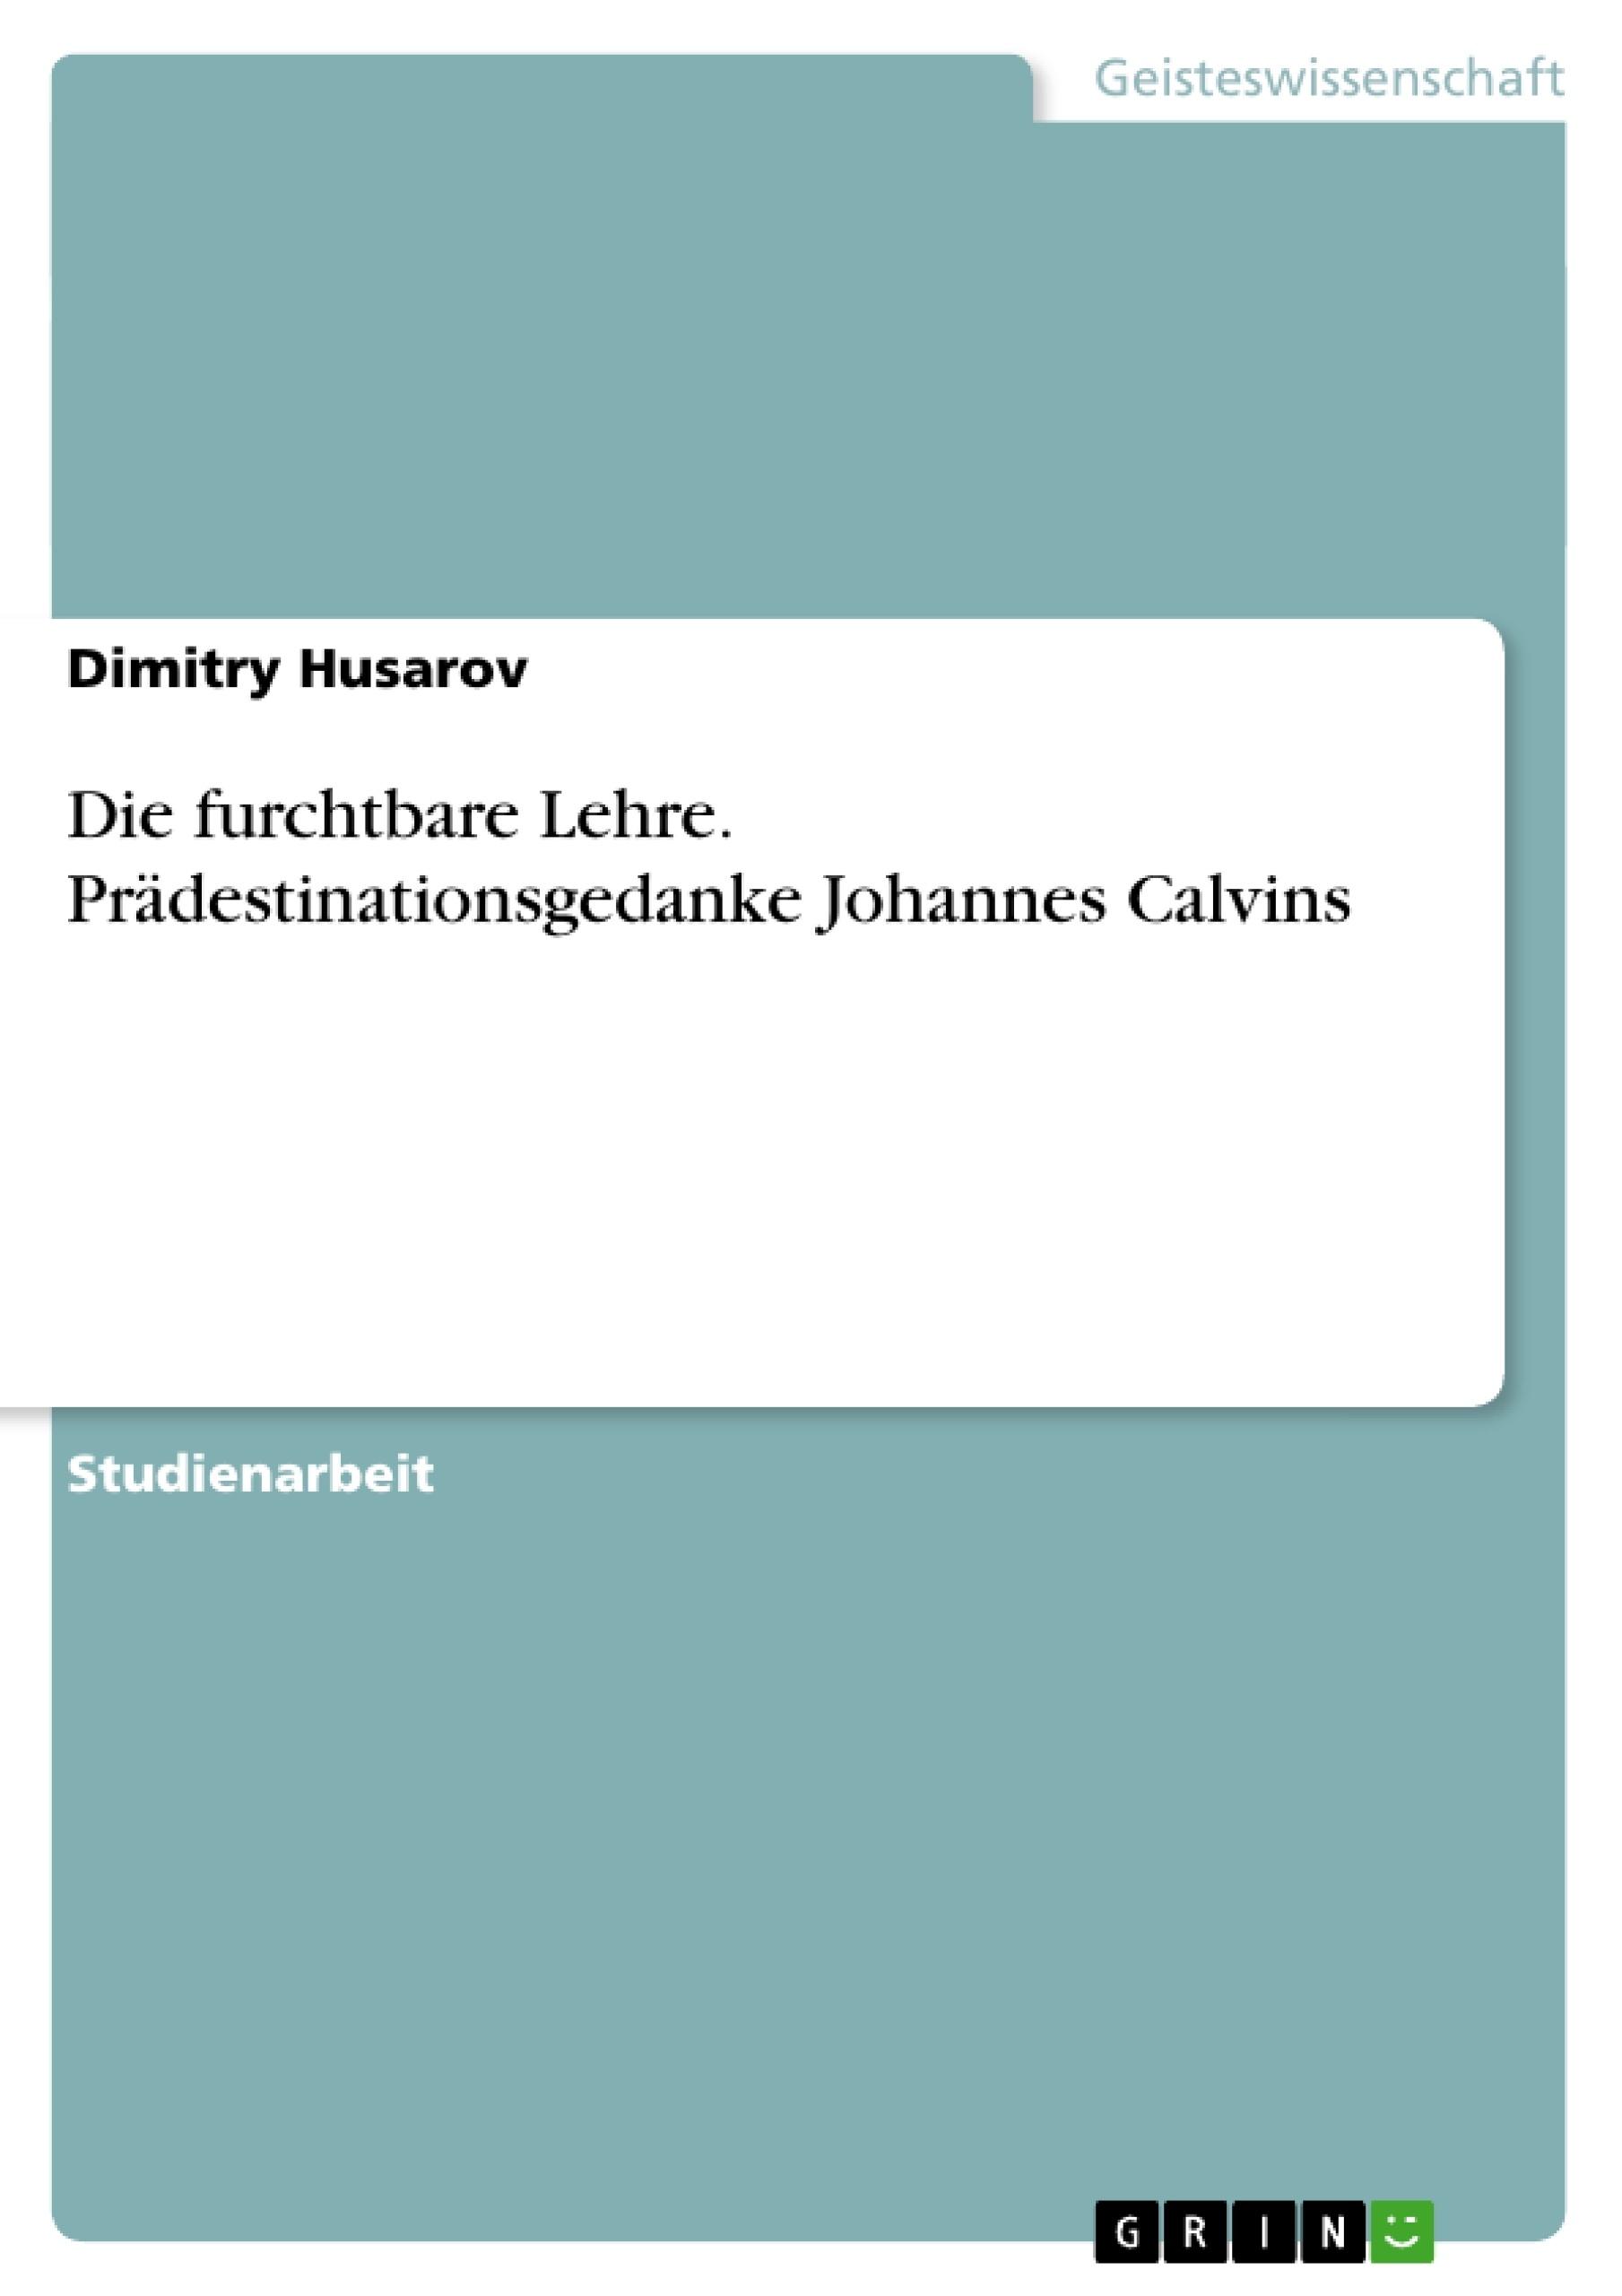 Titel: Die furchtbare Lehre. Prädestinationsgedanke Johannes Calvins